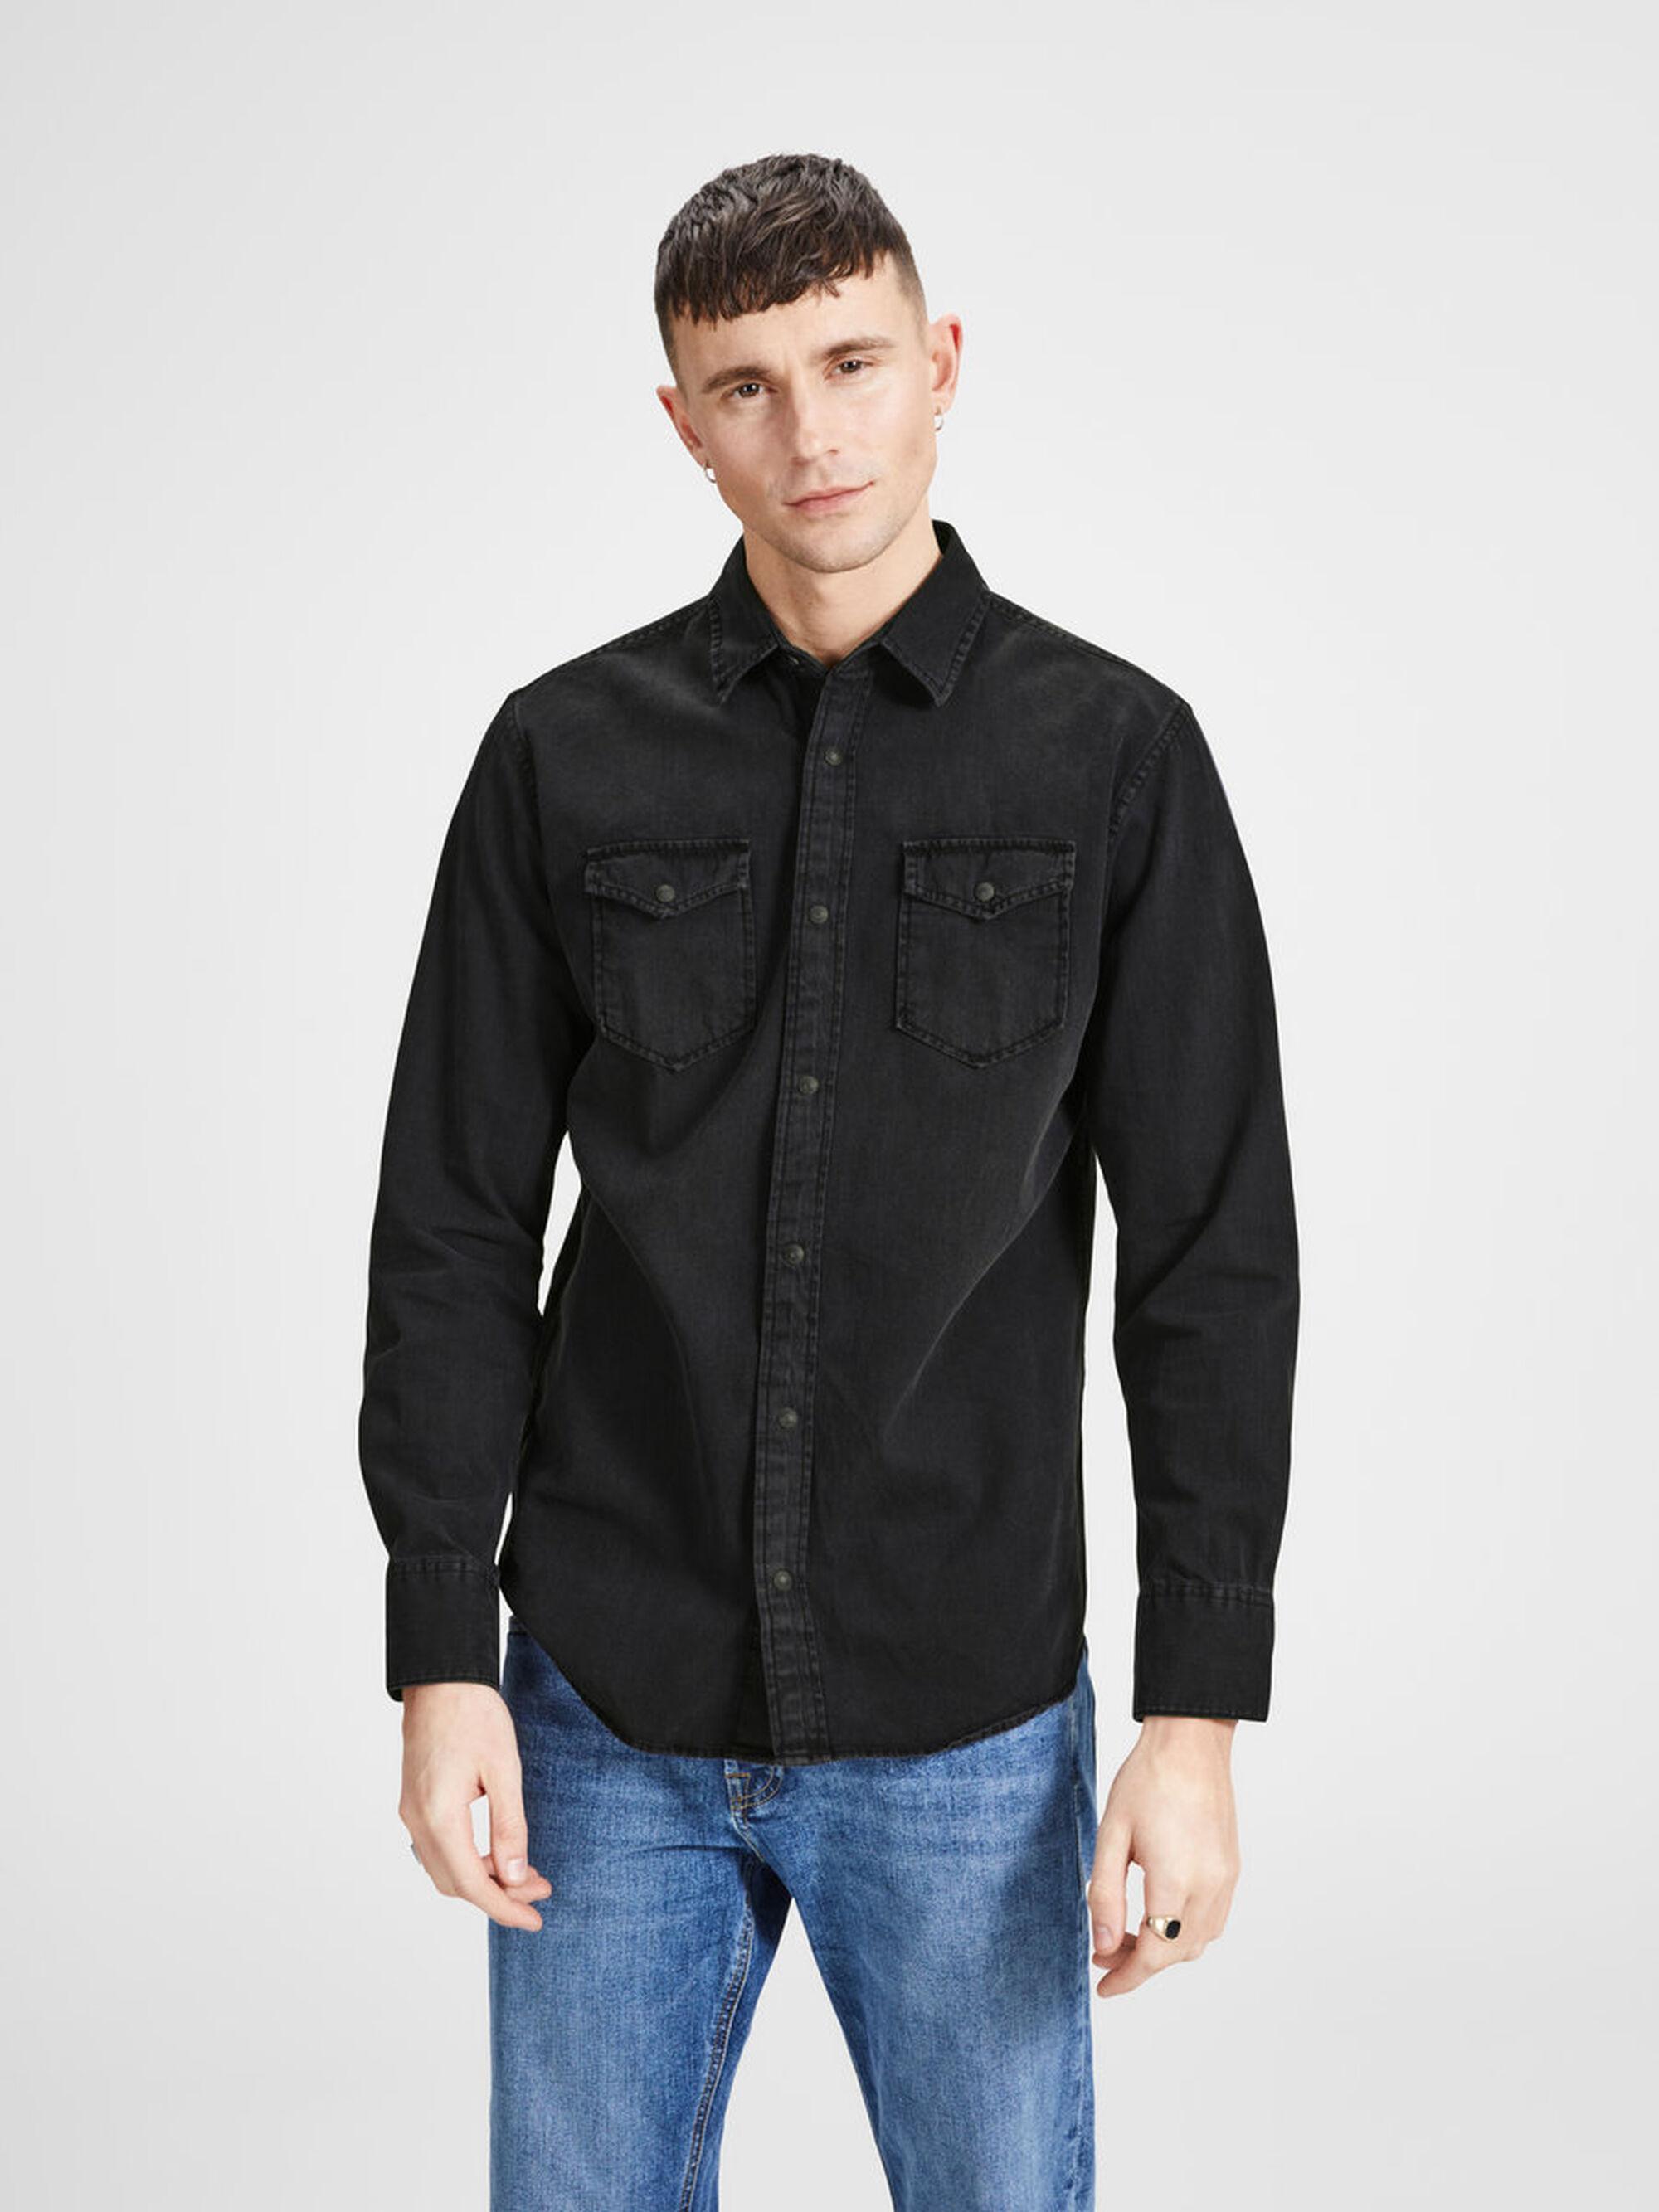 Jack & Jones Denim Must Have Overhemd in het Zwart voor heren